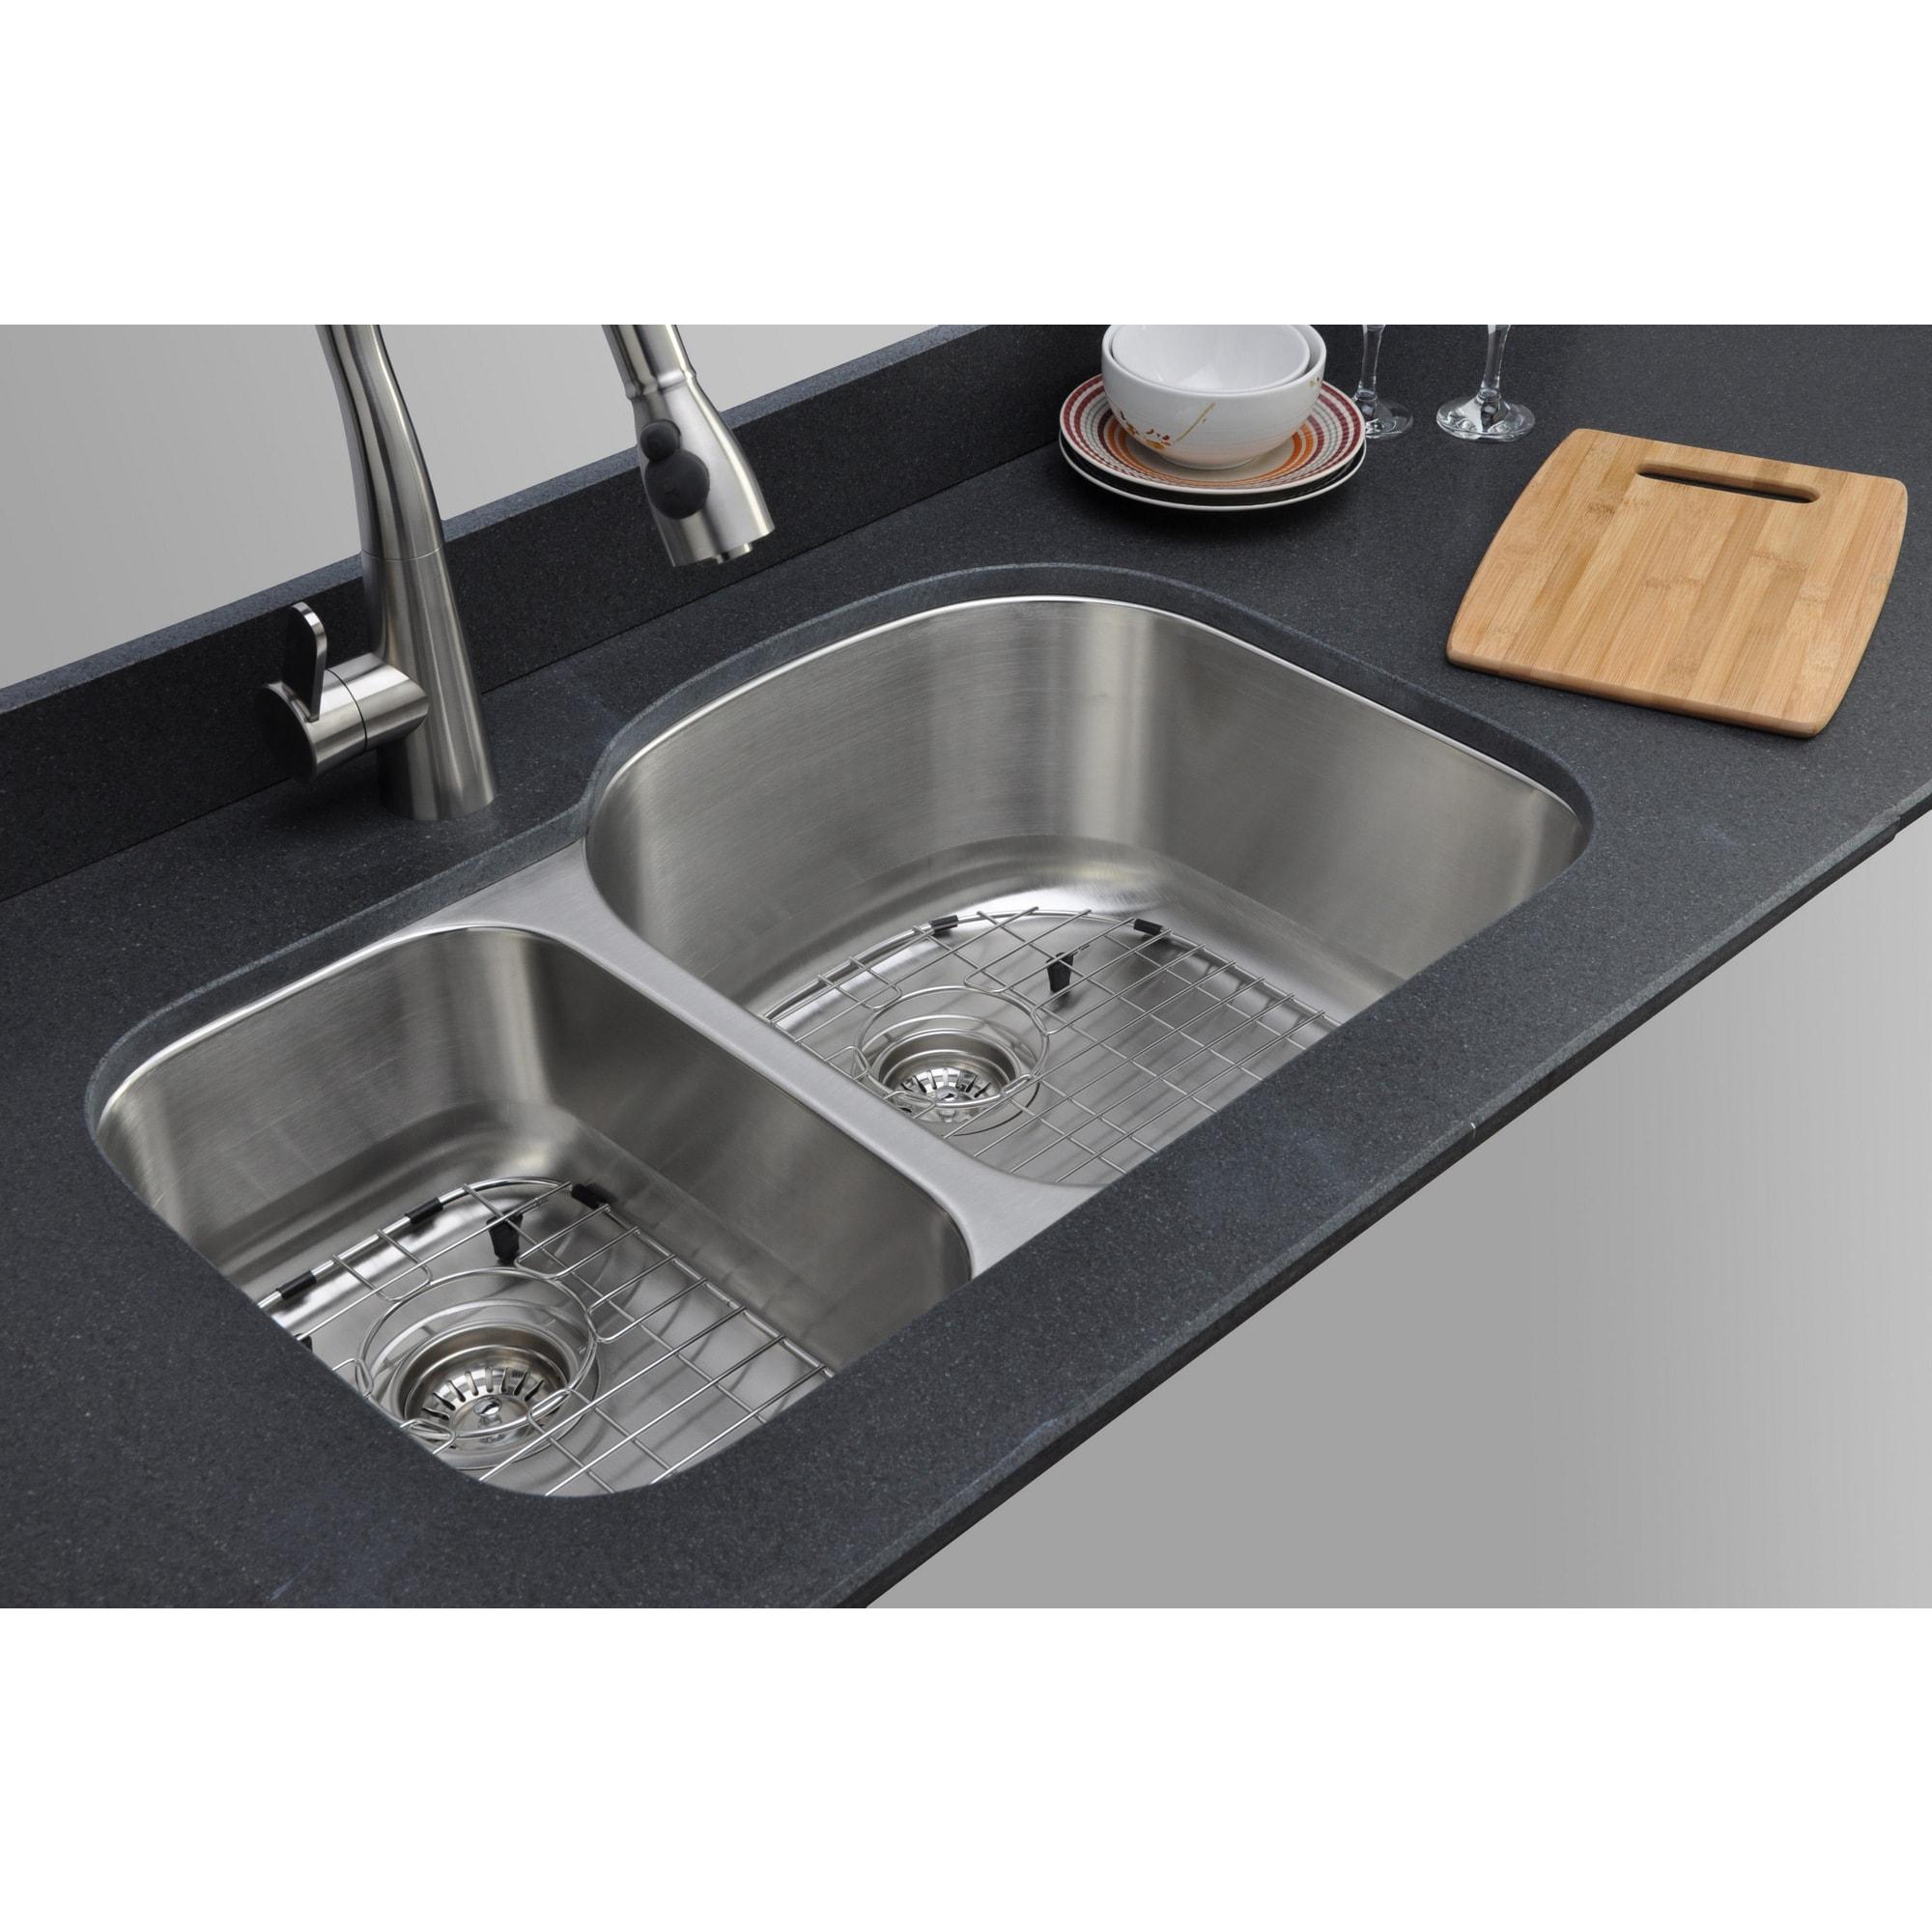 Superieur Wells Sinkware Craftsmen Series 32 Inch 18 Gauge Undermount 30 70 Double  Bowl Stainless Steel Kitchen Sink